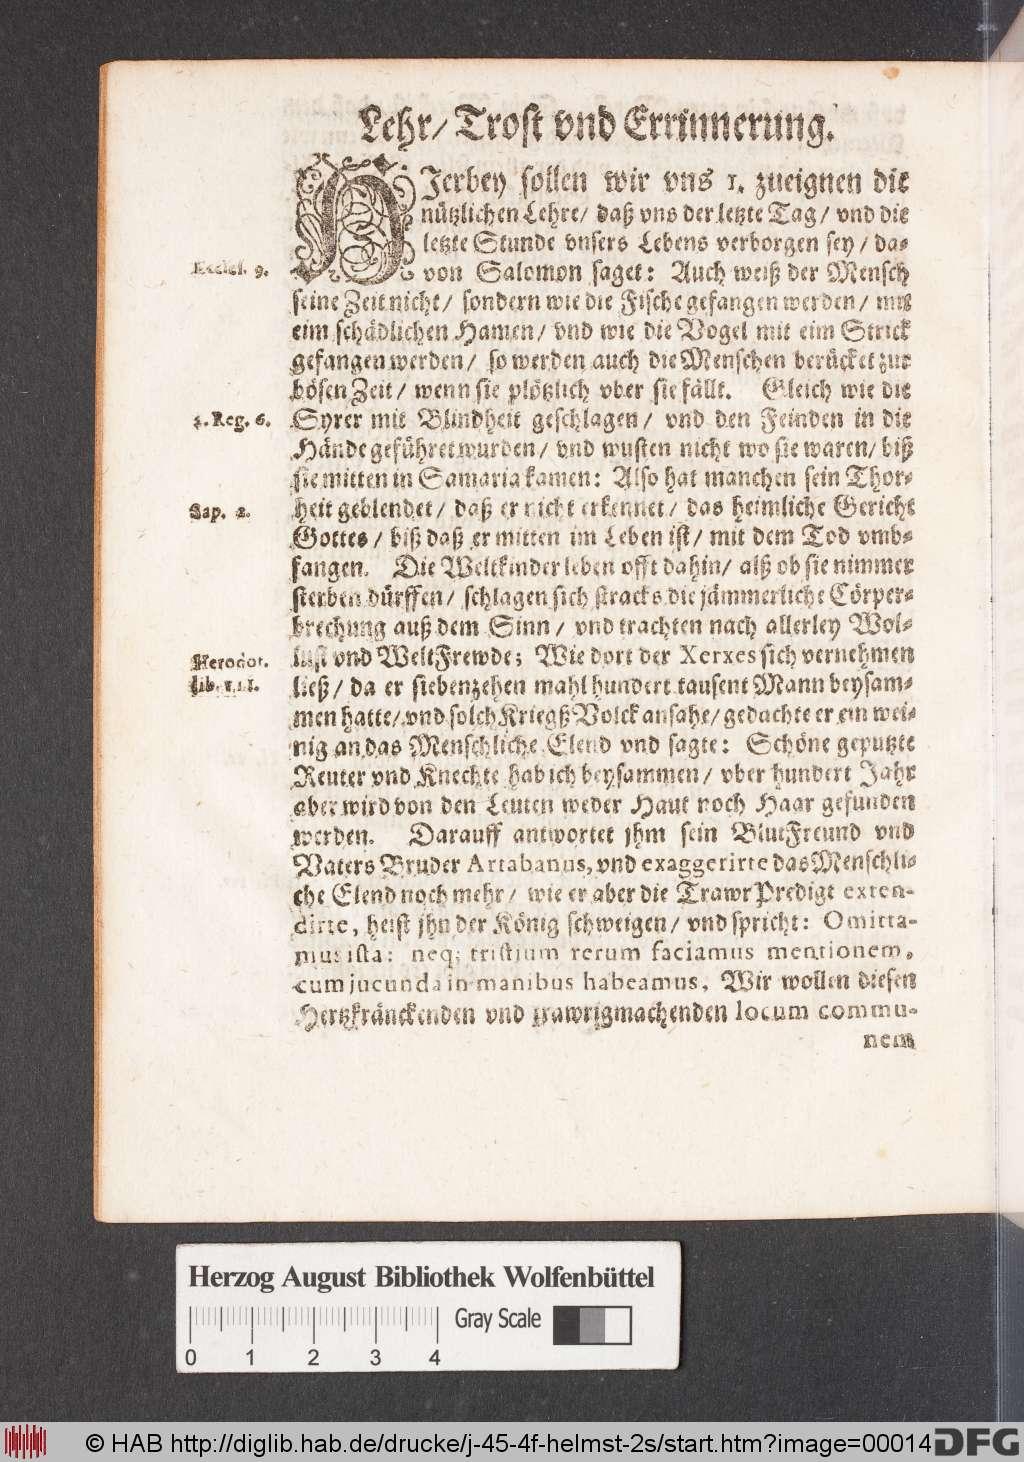 http://diglib.hab.de/drucke/j-45-4f-helmst-2s/00014.jpg